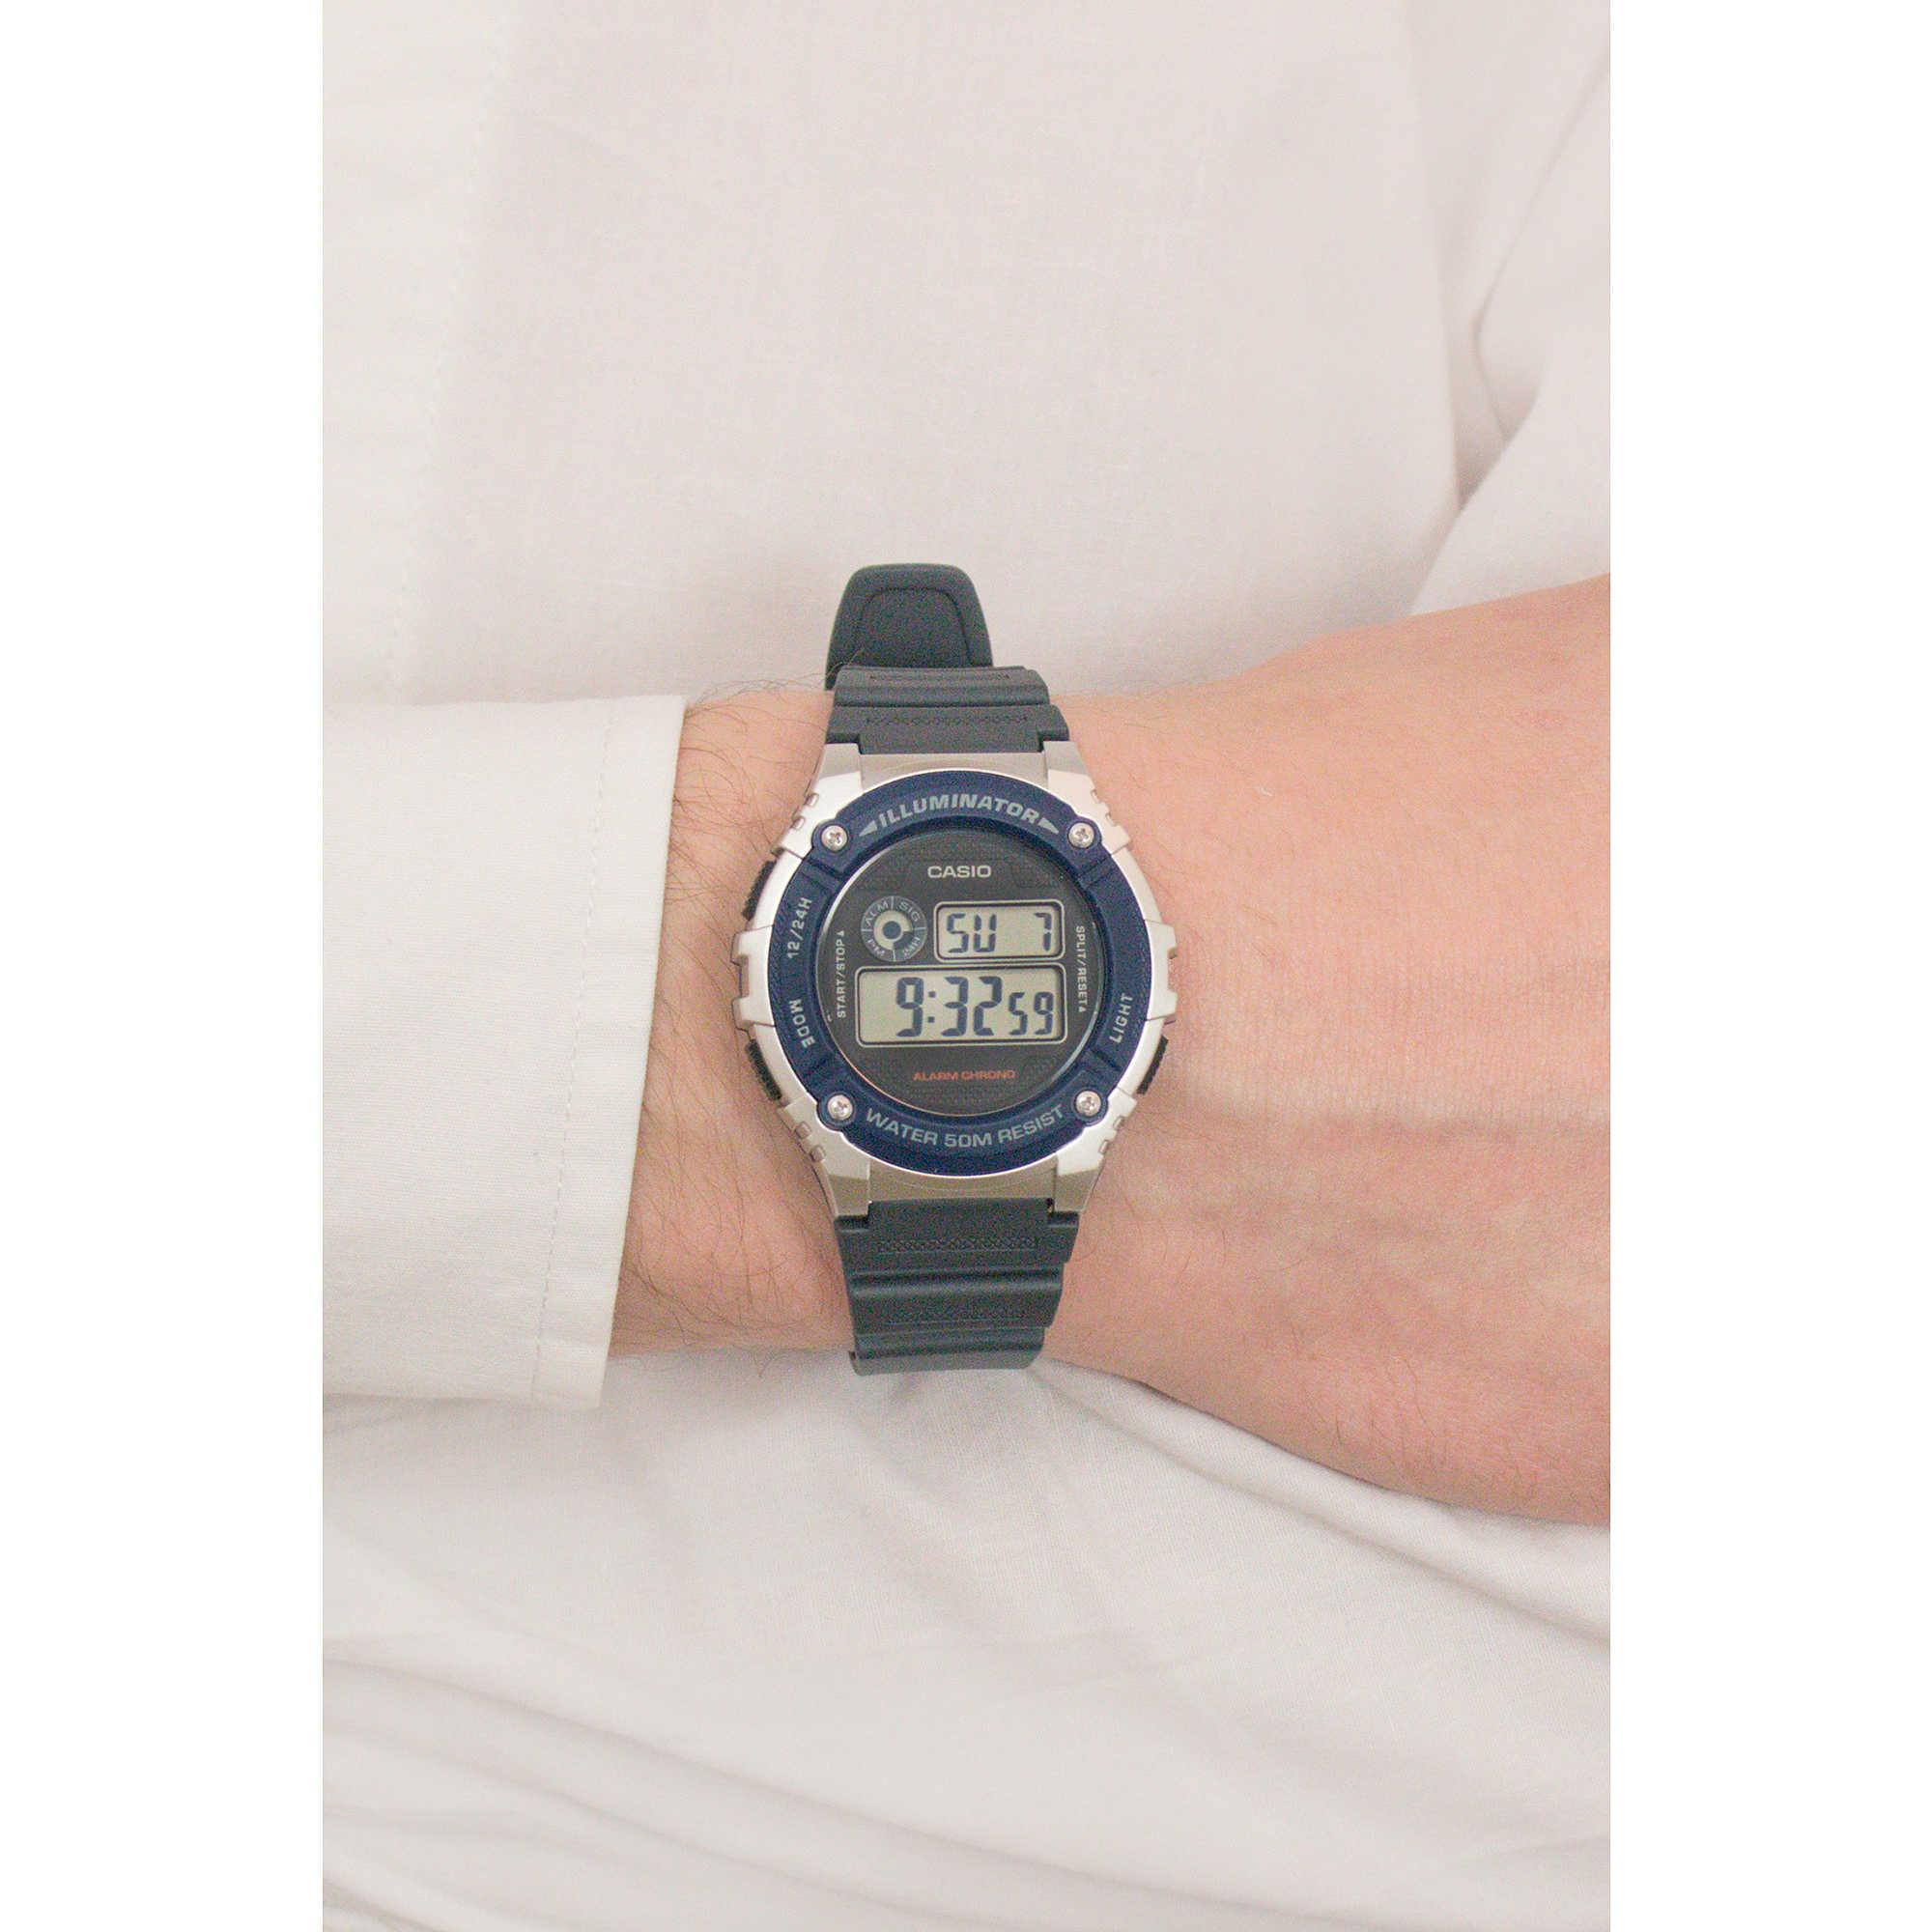 W Mann 2avef 216h Ynnwpm80vo Collection Casio Digital Uhr xBedCo